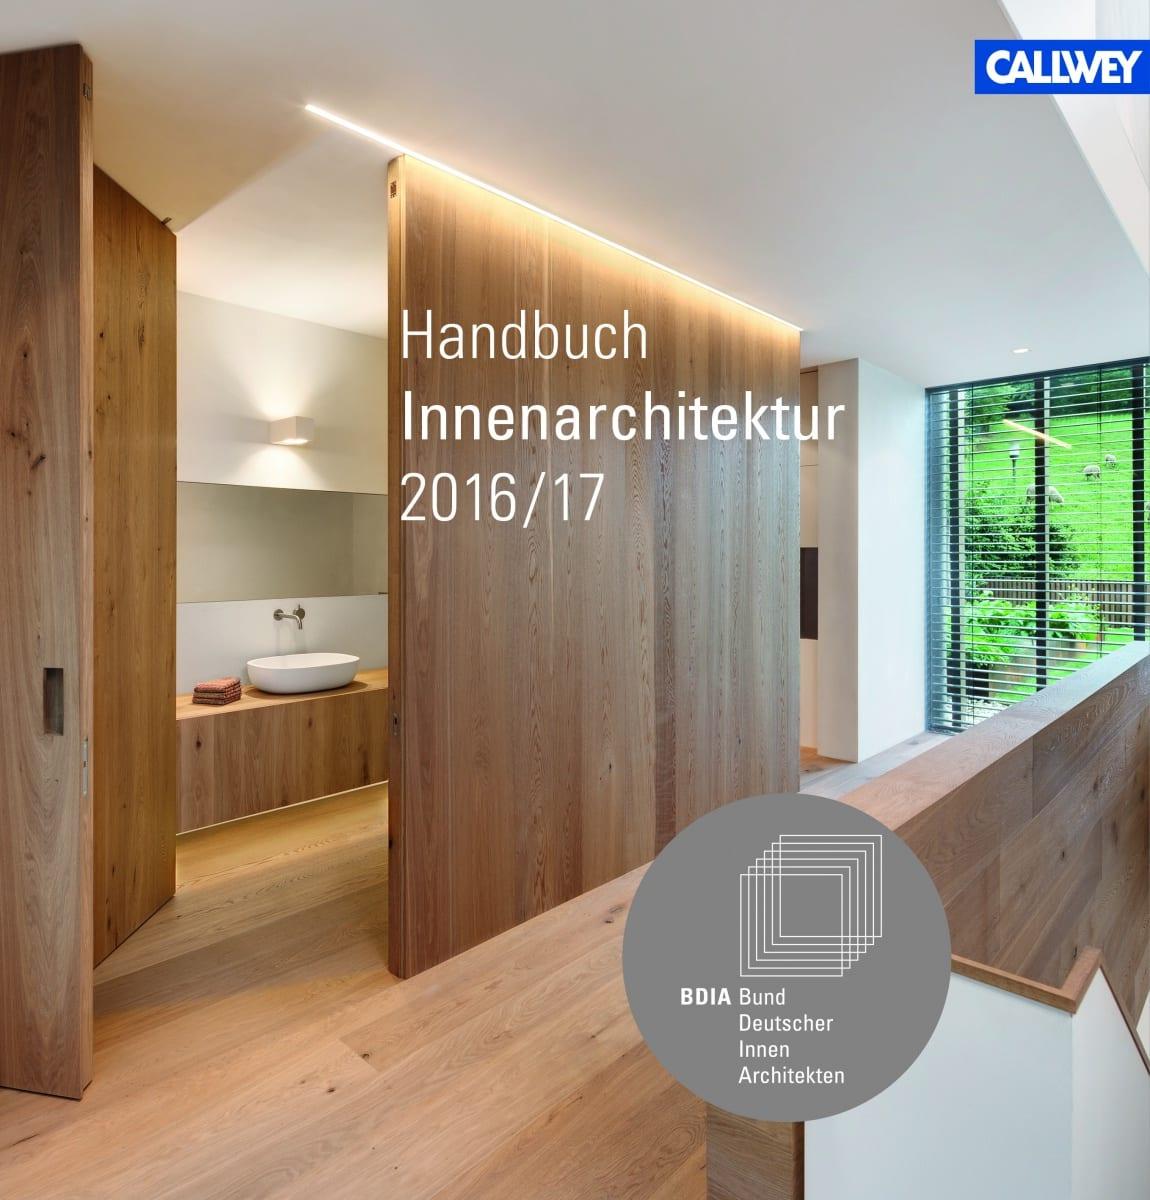 das neue handbuch innenarchitektur 2016 17 des bund. Black Bedroom Furniture Sets. Home Design Ideas